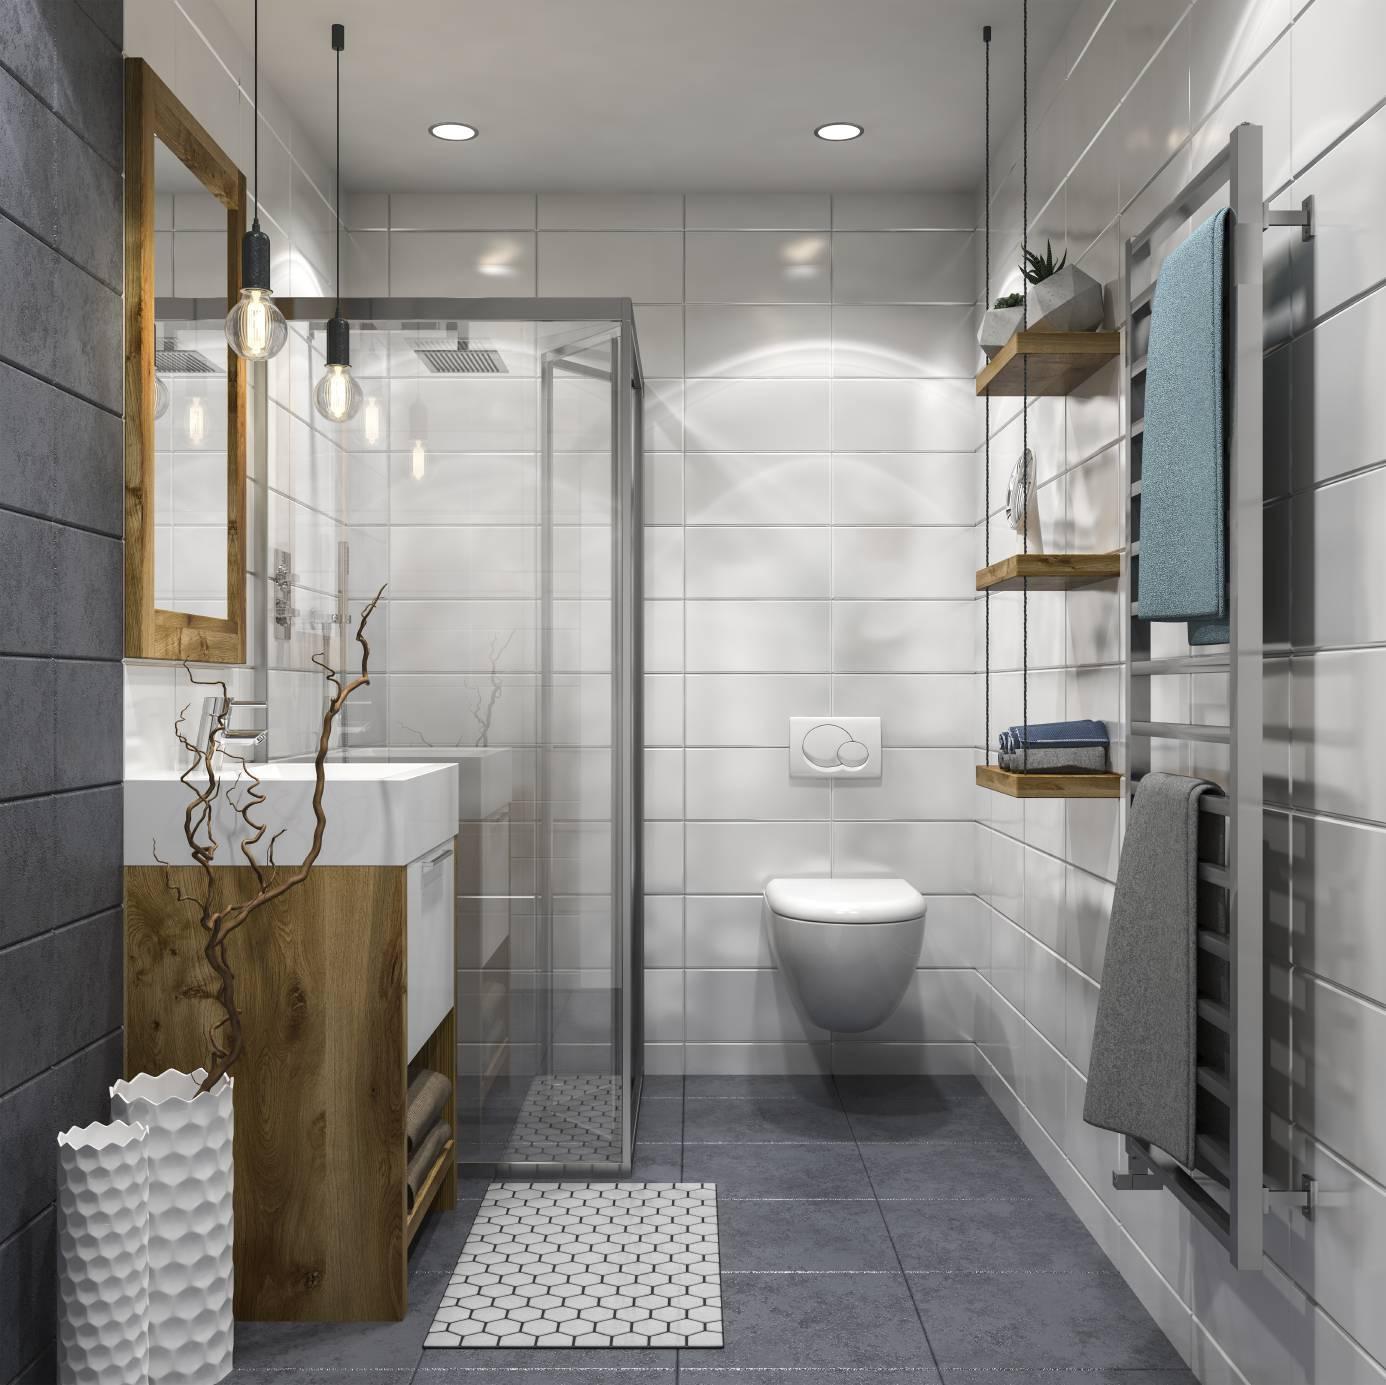 Conseils pour l 39 clairage de votre salle de bains - Accroche serviette salle de bain ...